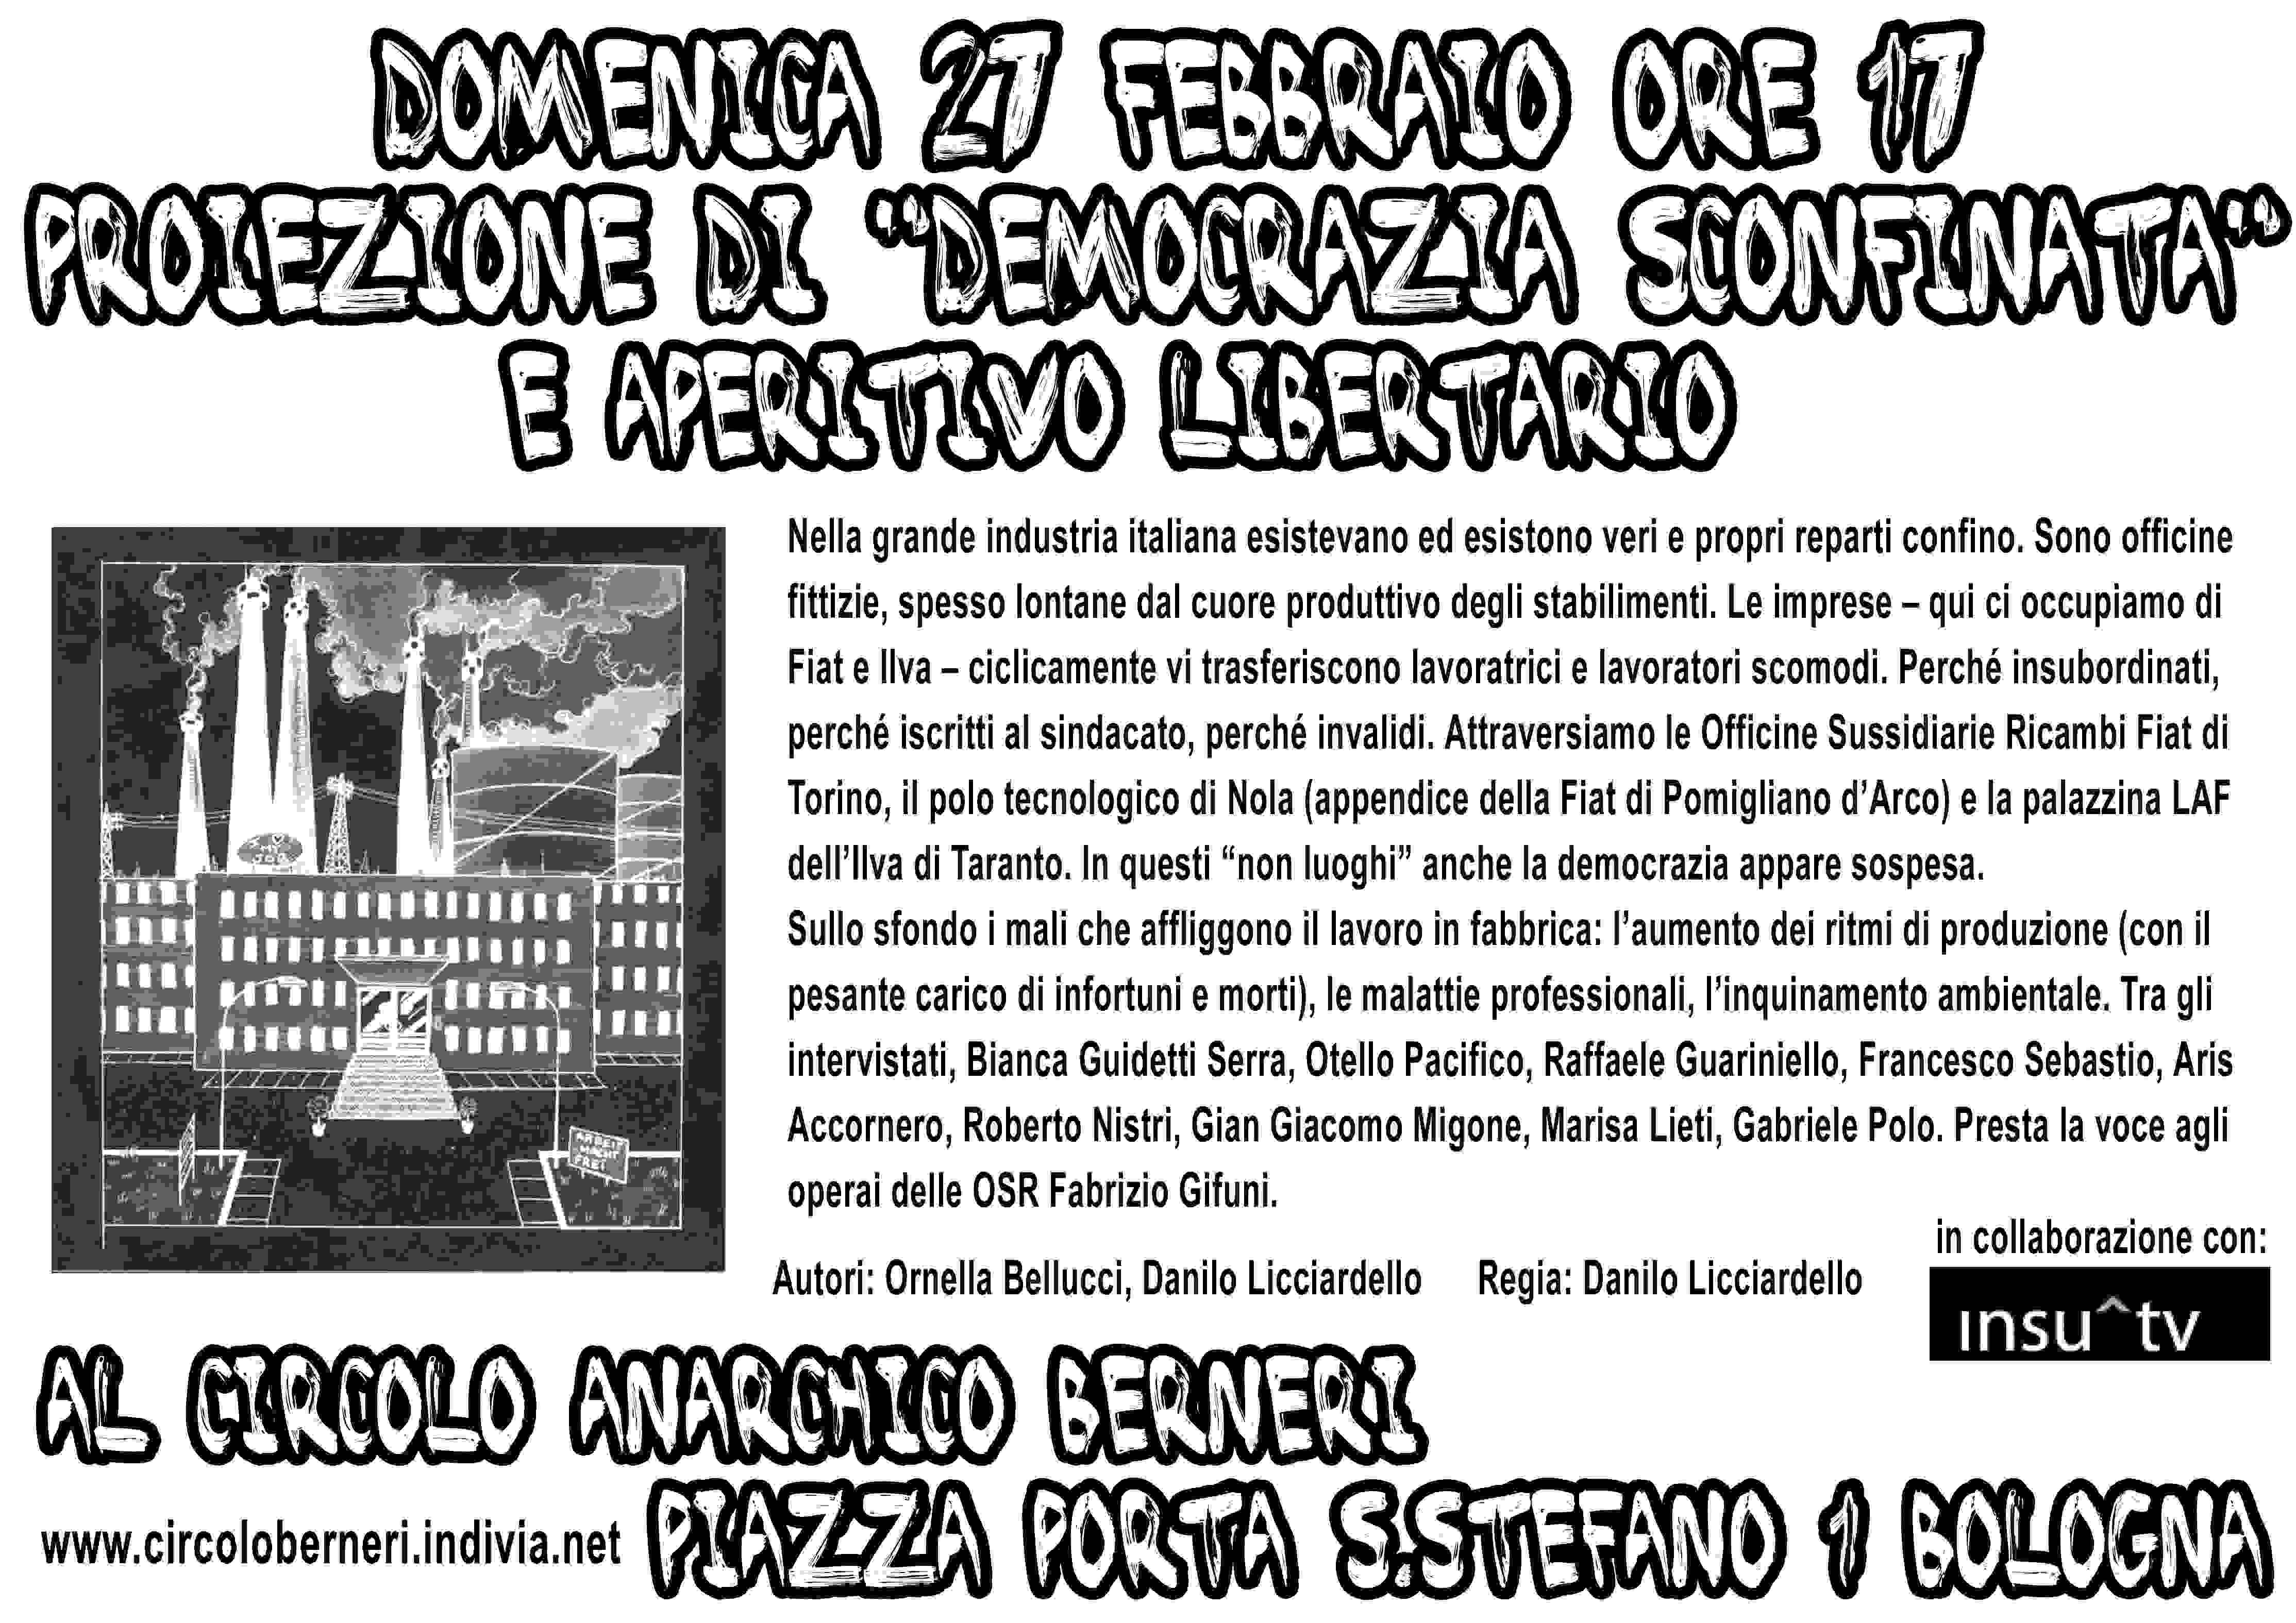 domenica 27 febbraio ore 17.00 Democrazia sconfinata, 2010, 52′ Nella grande industria italiana esistevano ed esistono veri e propri reparti confino. Sono officine fittizie, spesso lontane dal cuore produttivo degli […]